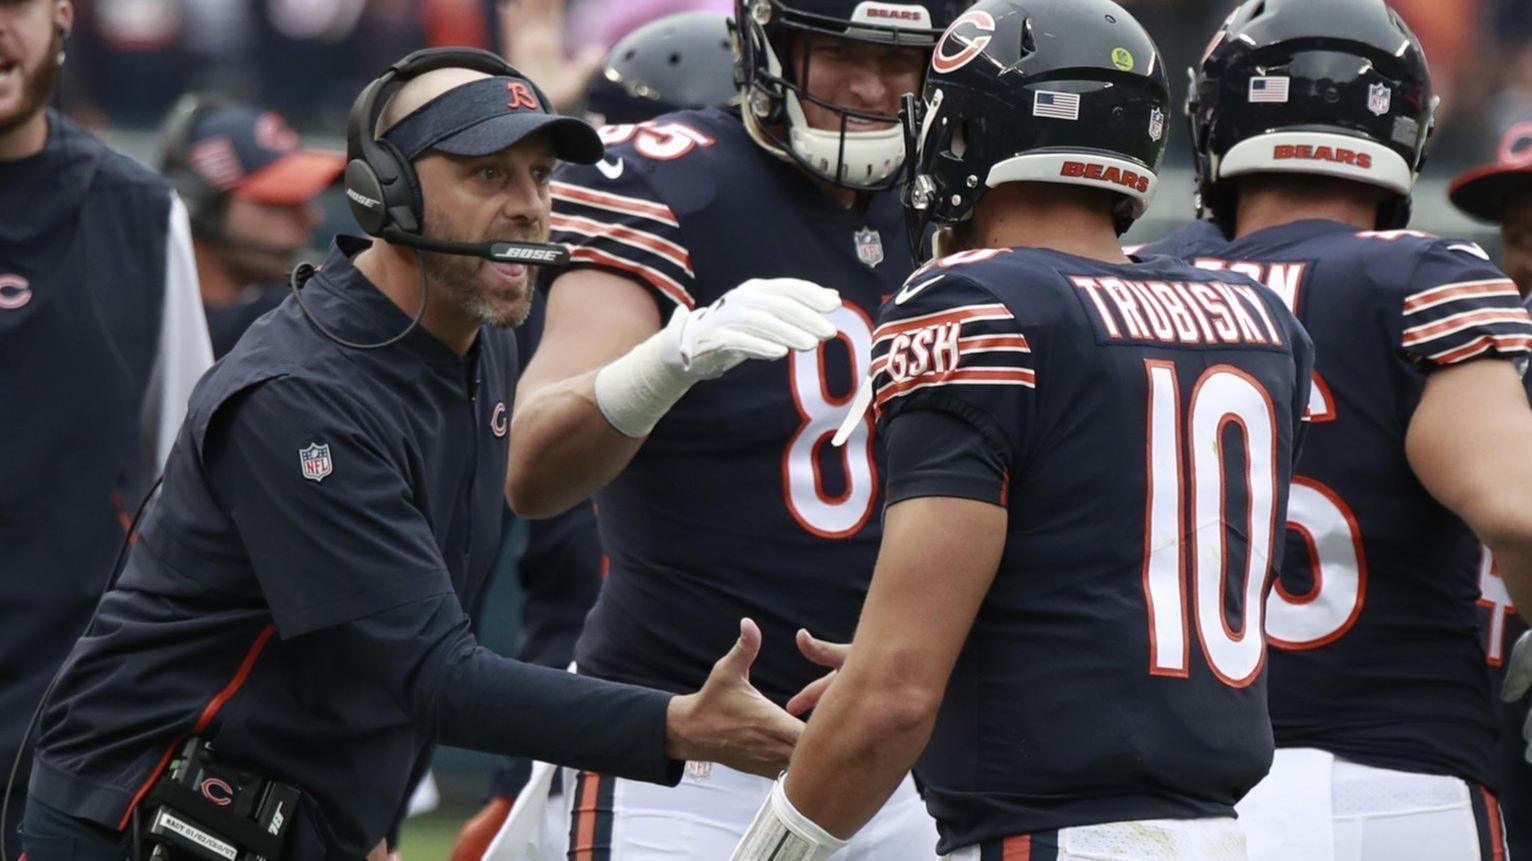 Ct-spt-bears-matt-nagy-offense-trubisky-20181010